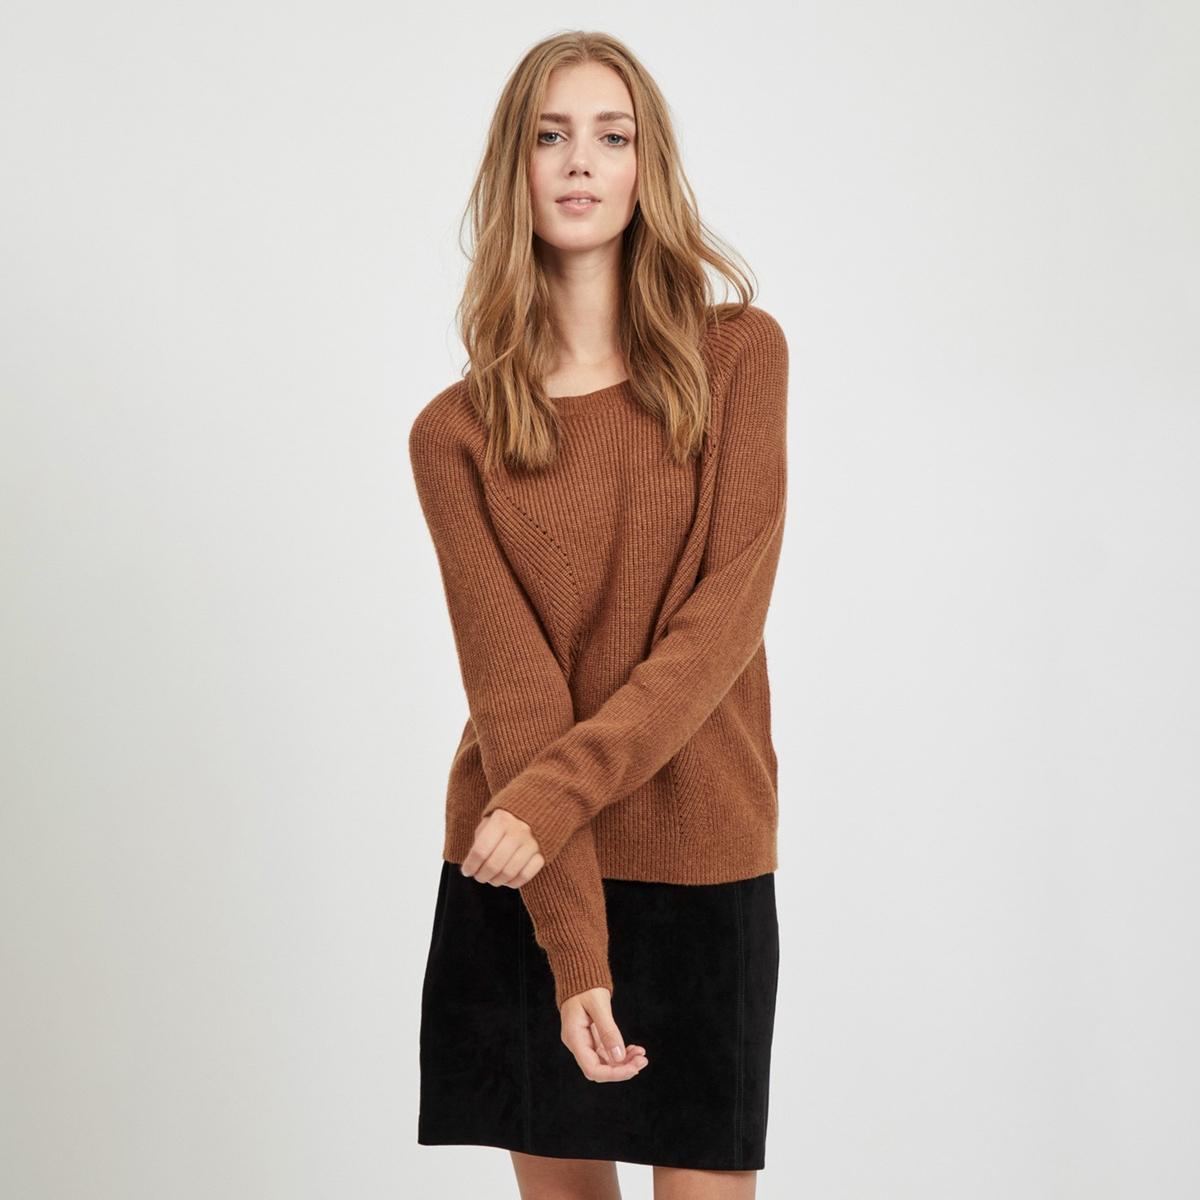 Пуловер La Redoute С круглым вырезом и длинными рукавами M каштановый пуловер la redoute с круглым вырезом и длинными рукавами m каштановый